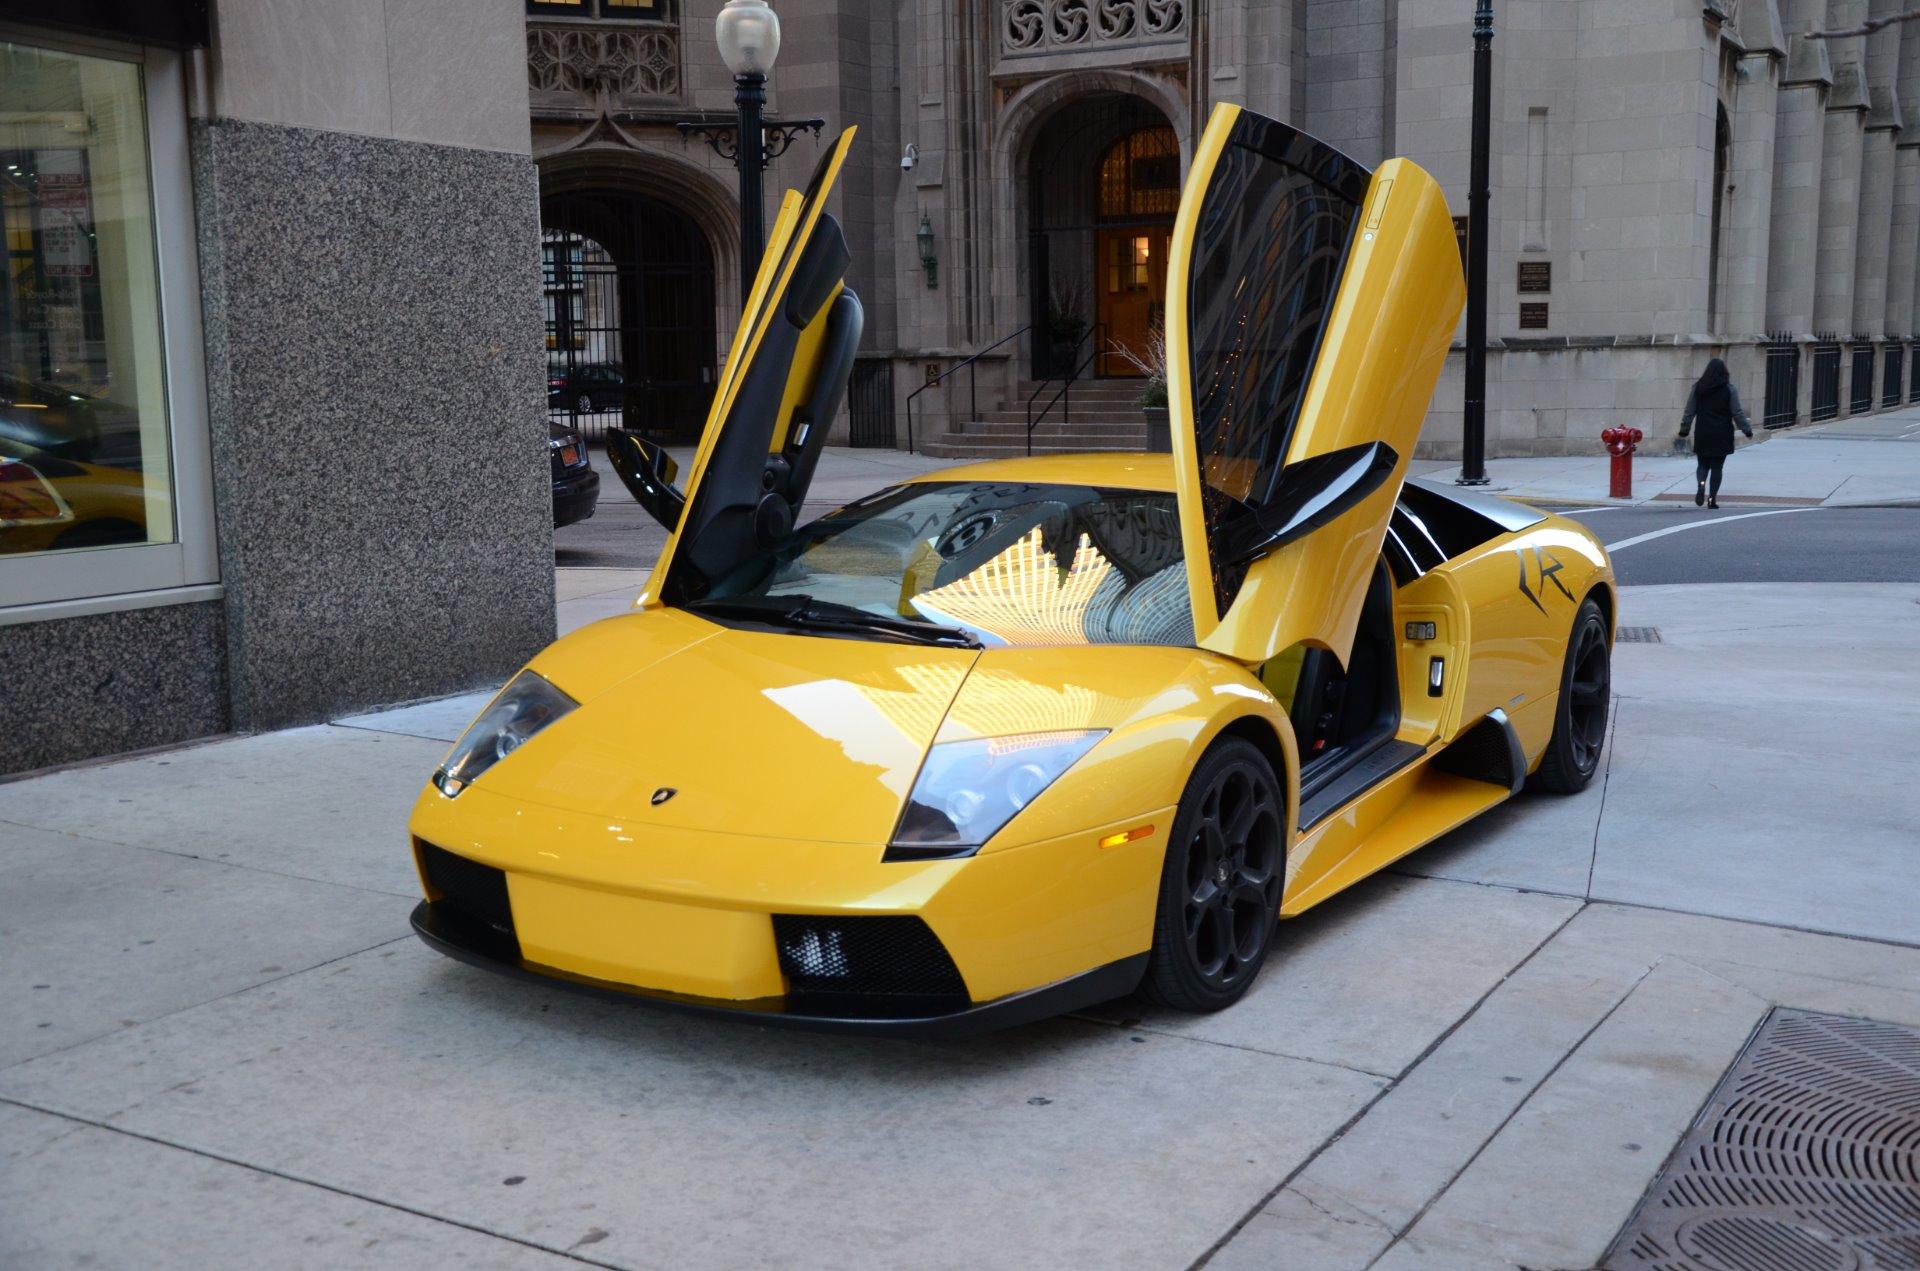 13 лет владения Lamborghini обошлись владельцу почти в 500 тысяч долларов 1